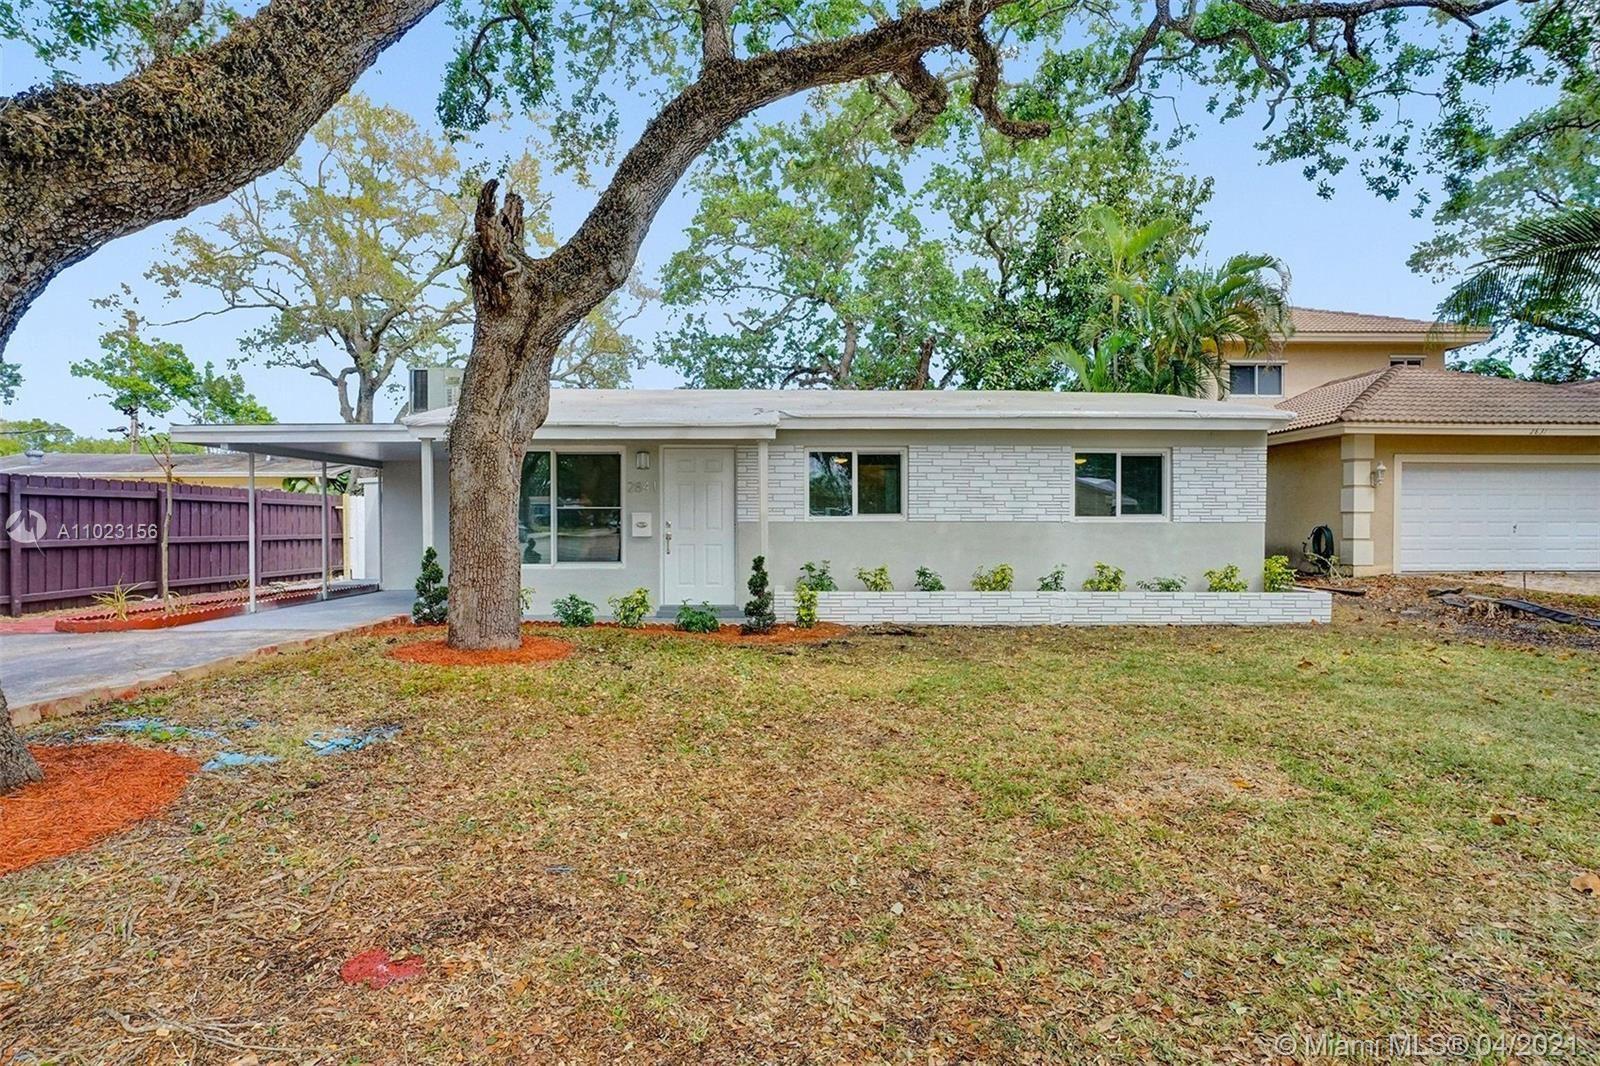 2841 N 66th Ave, Hollywood, FL 33024 - #: A11023156